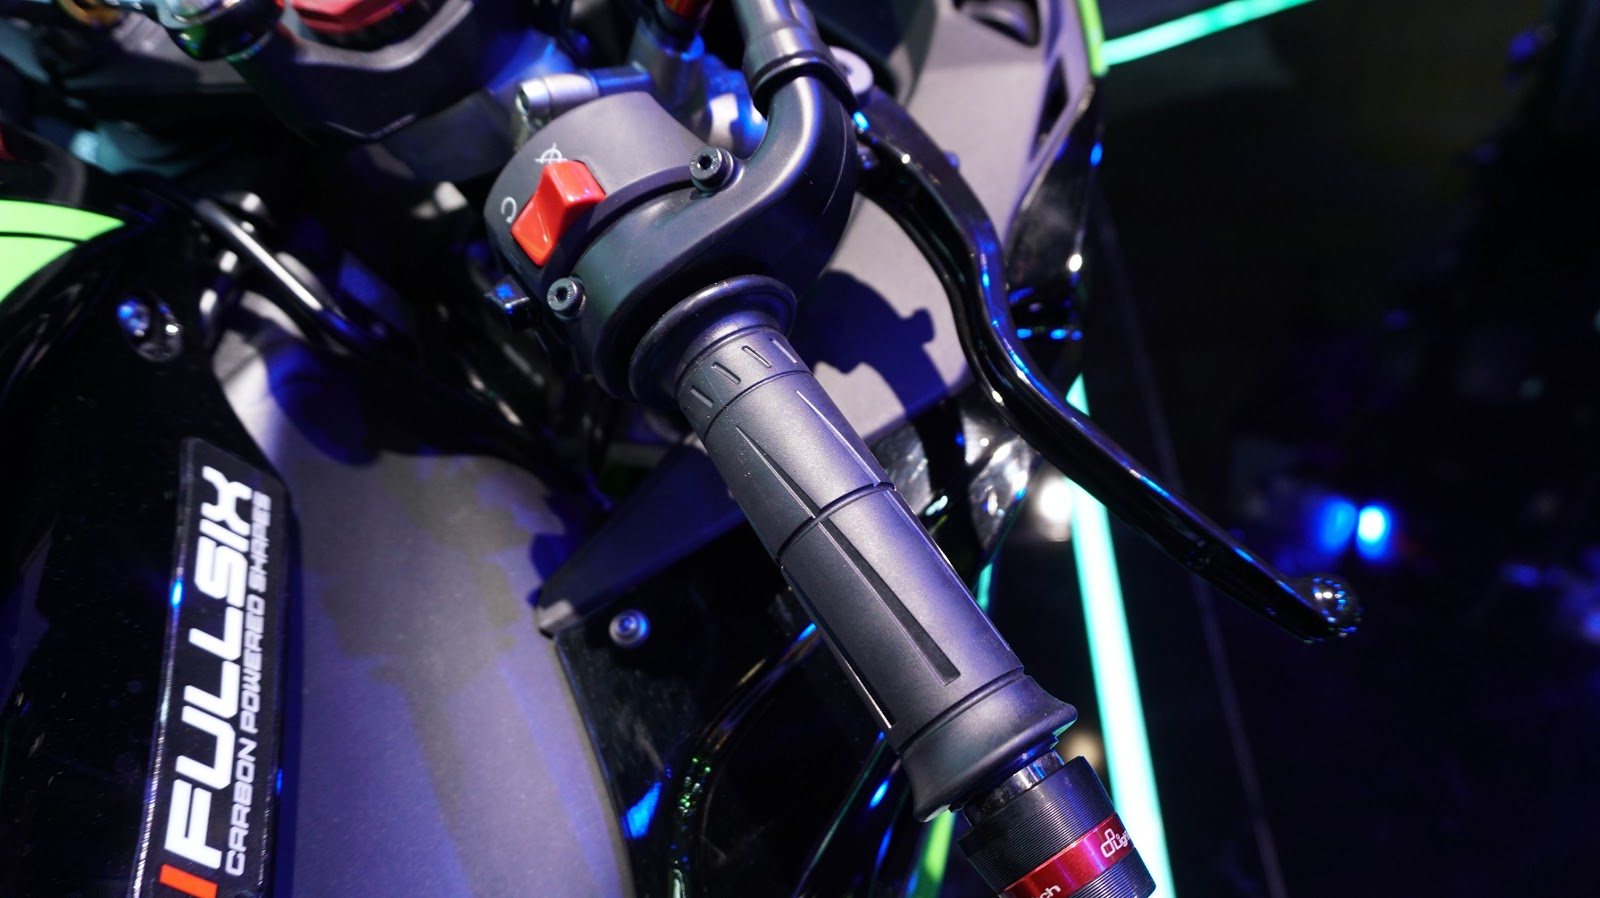 Cận cảnh siêu xe Kawasaki Ninja ZX-10R ABS tại VMS 2016